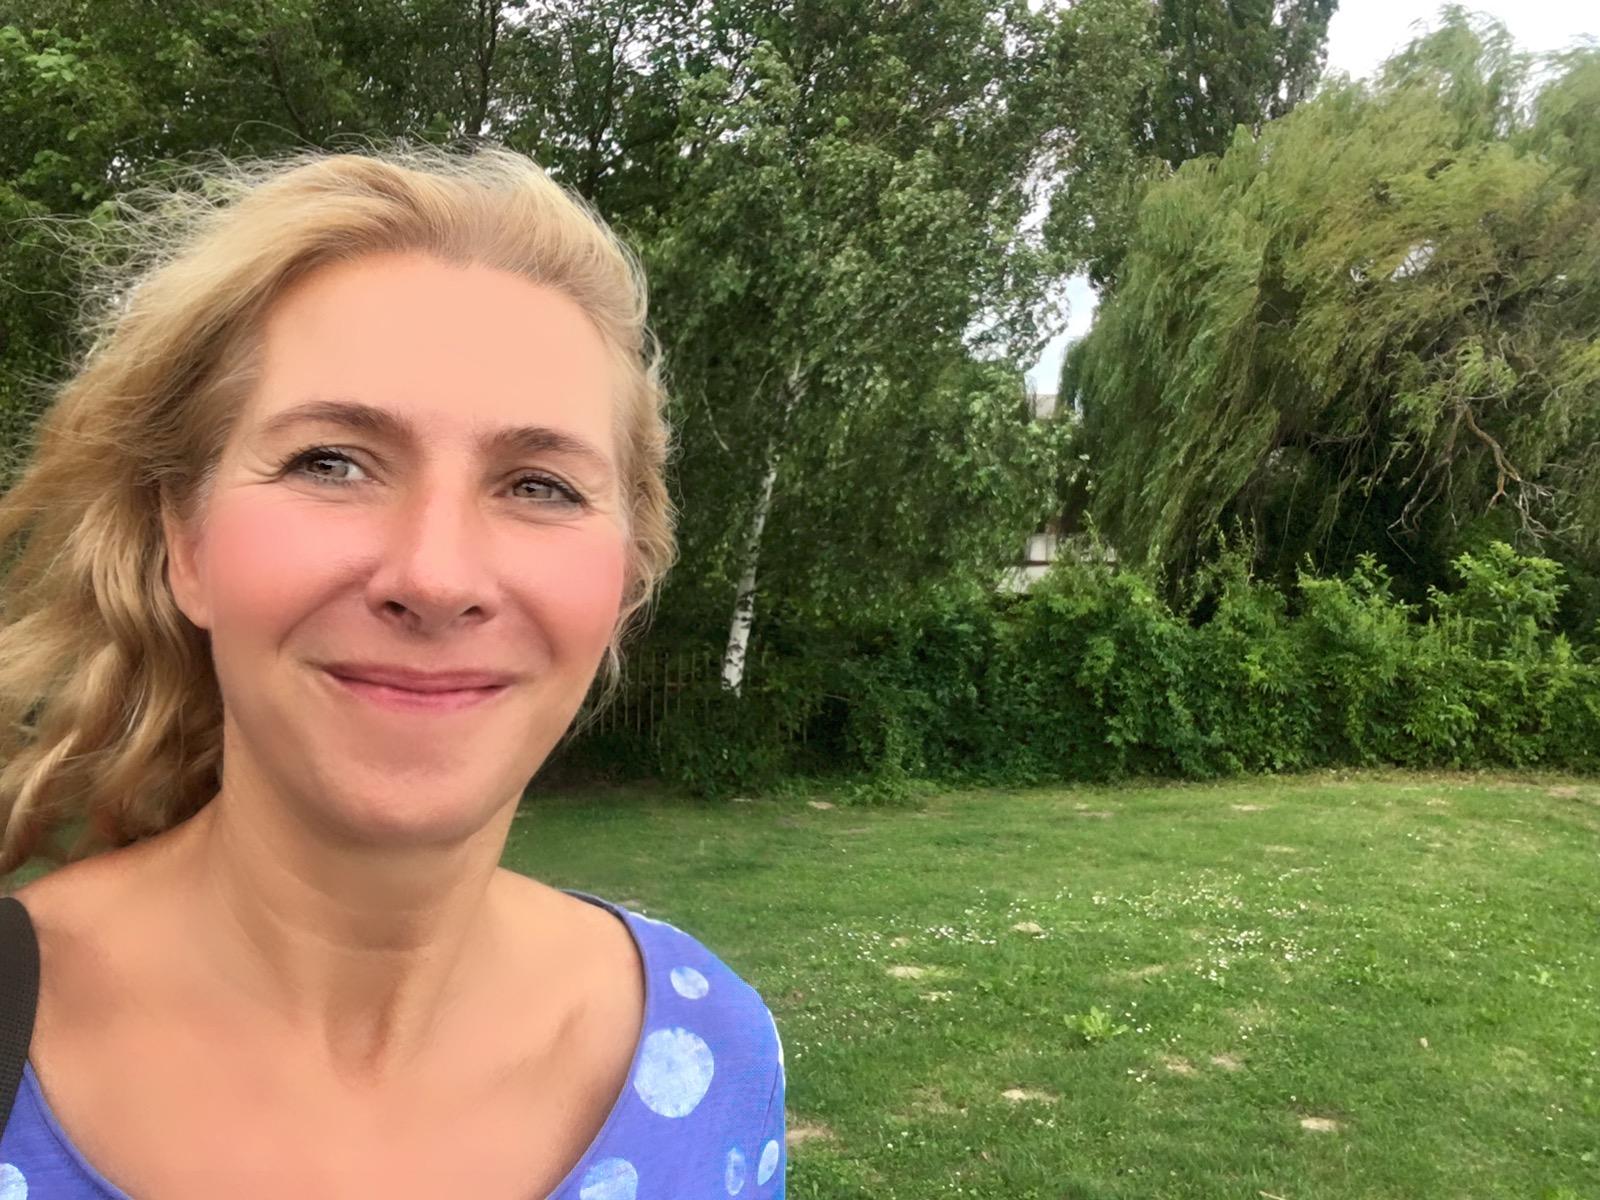 Bára Wolfová Balcarová - poradce metabolic balance®